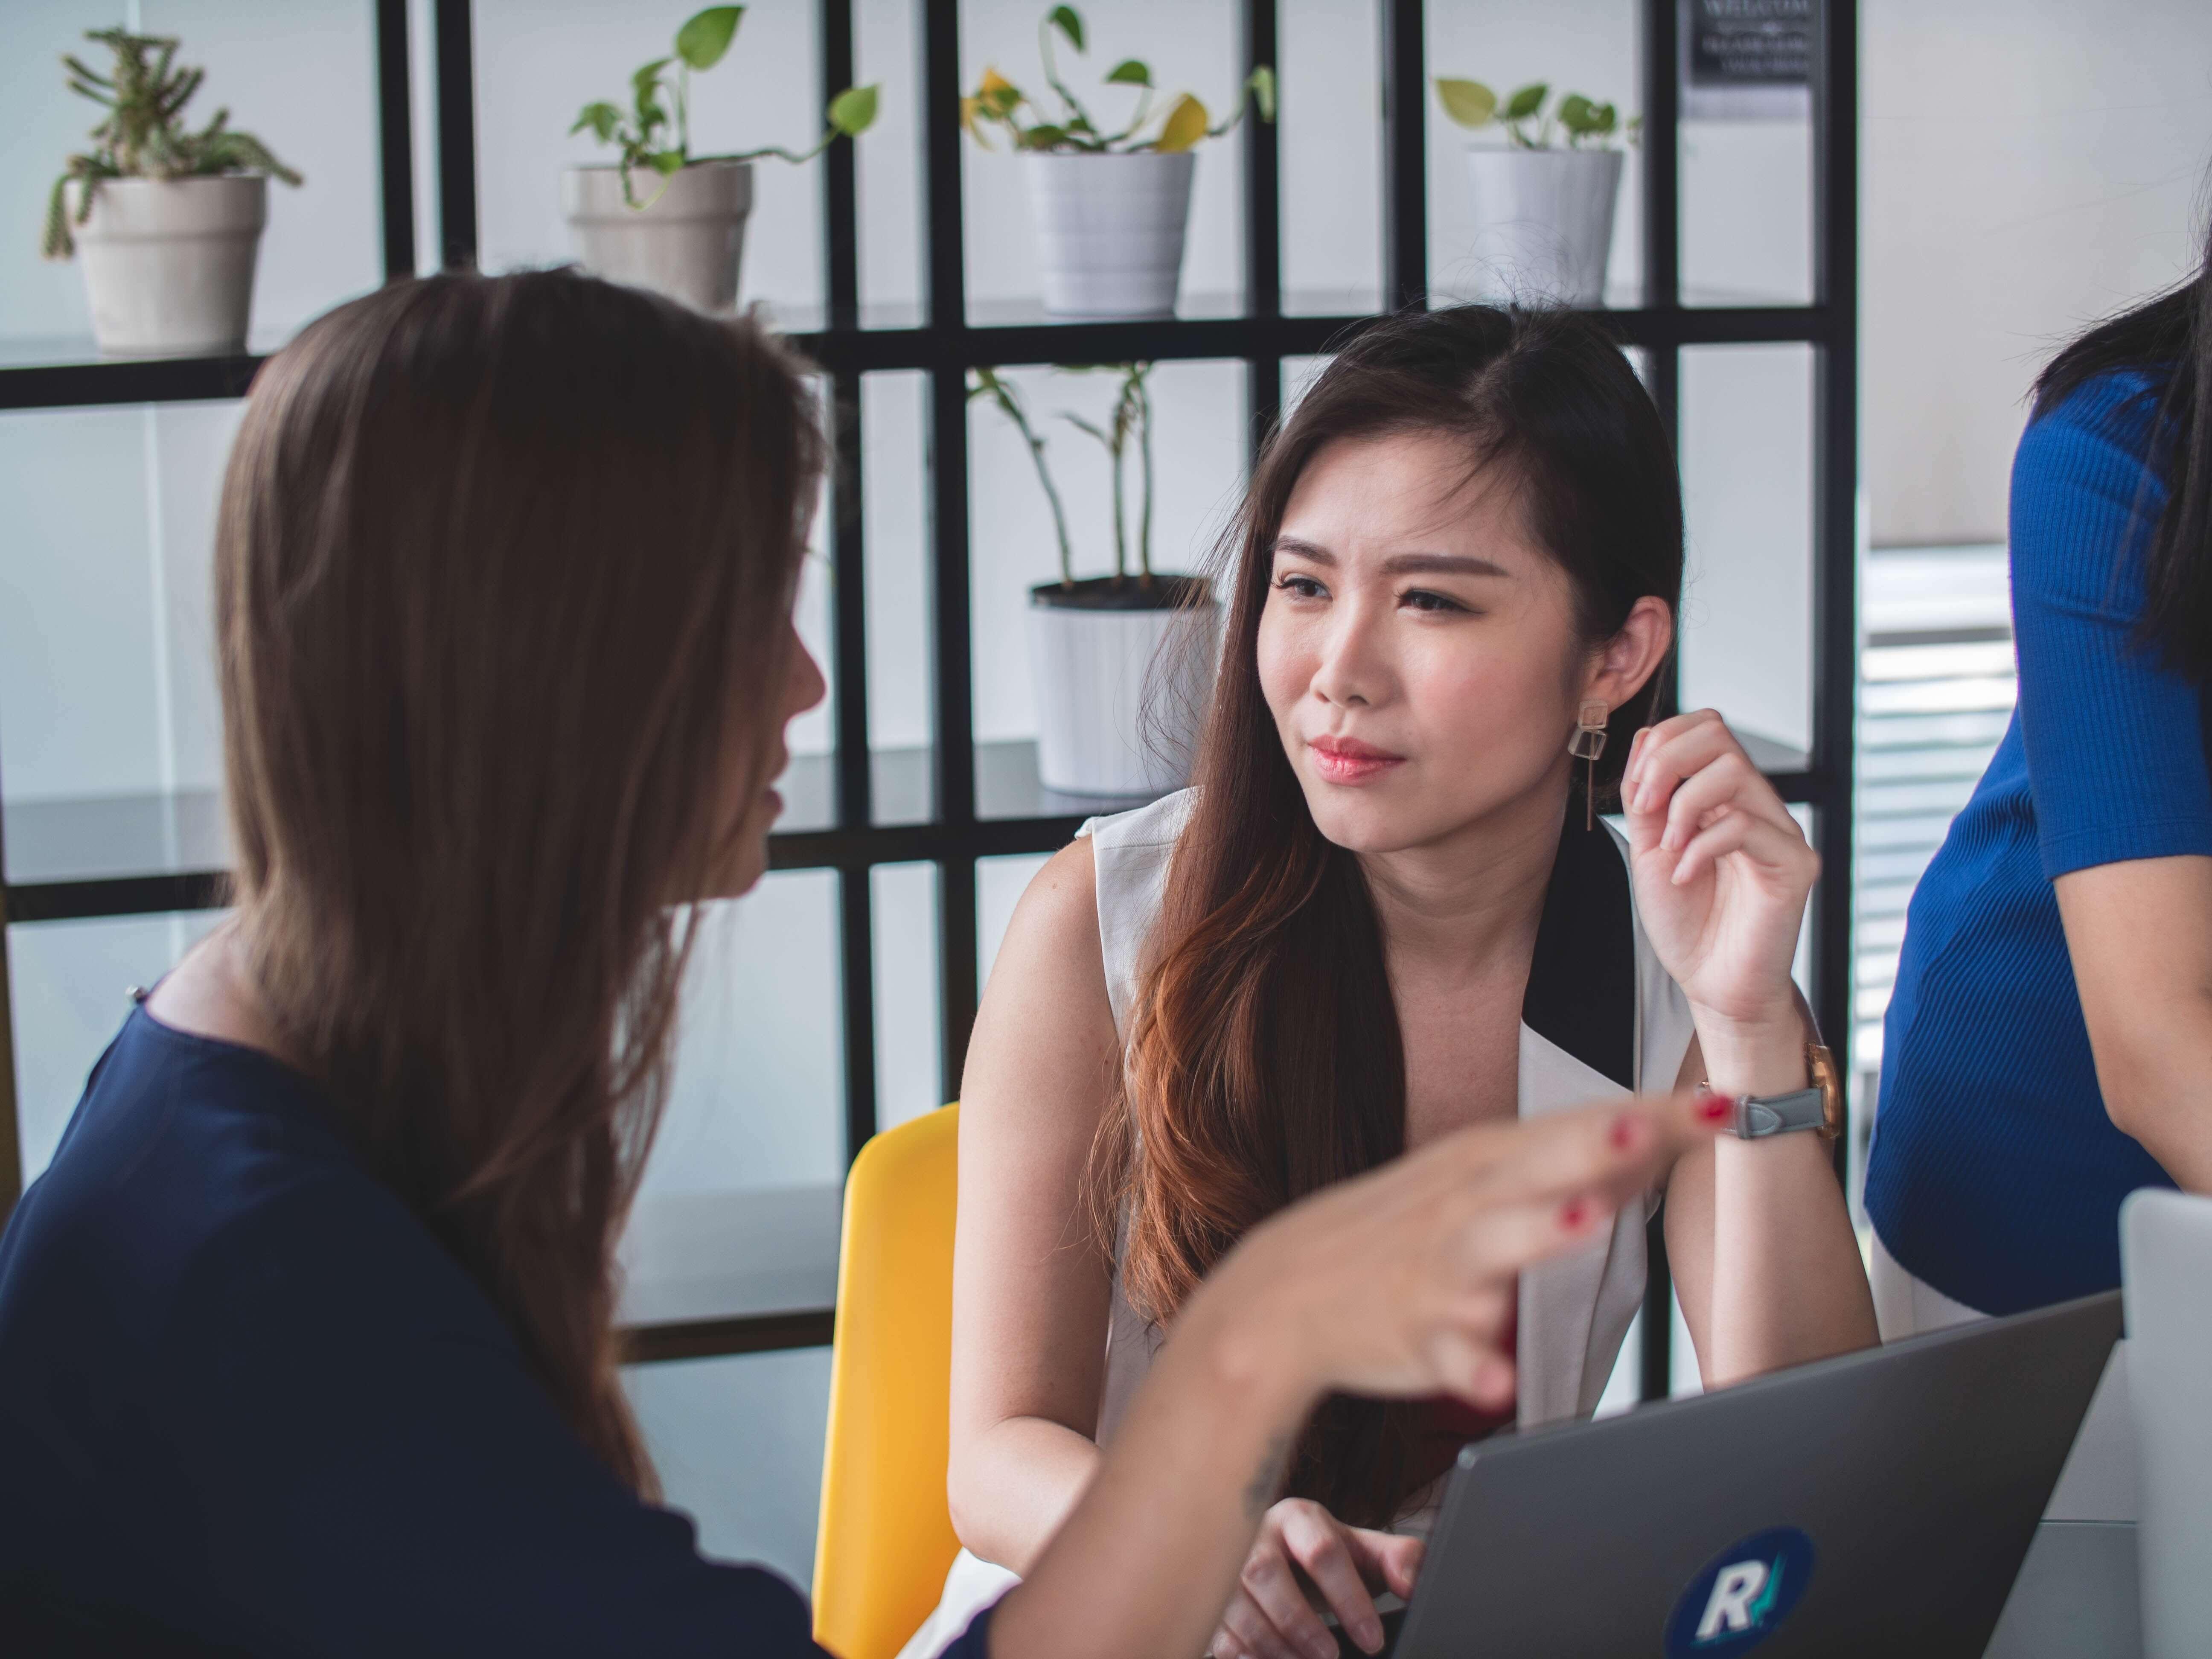 interpersonal skills: better listening